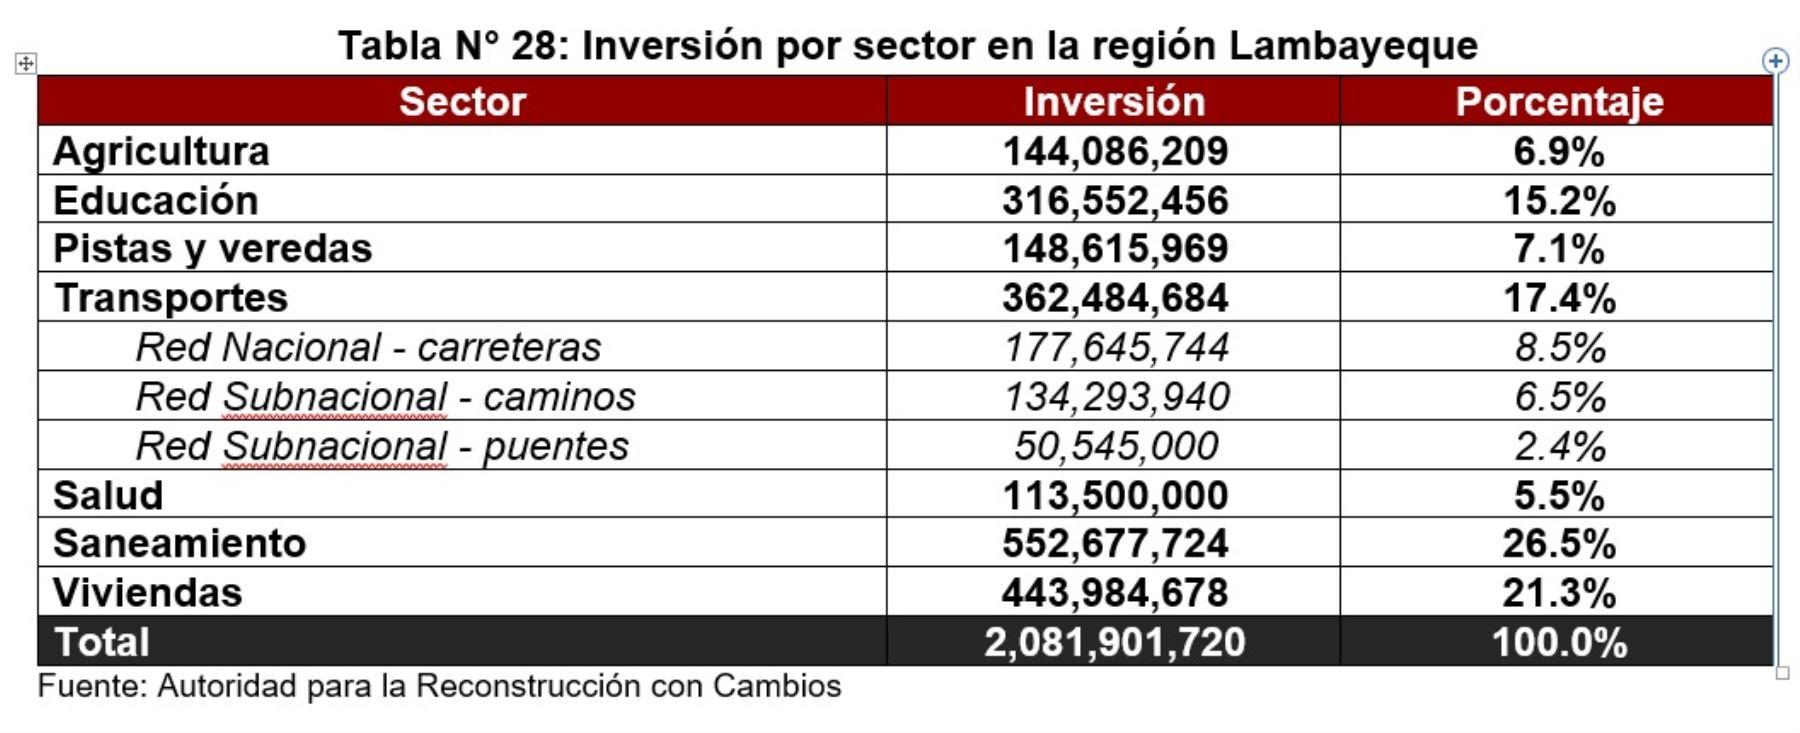 Inversión por sector en la región Lambayeque, según la versión definitiva del Plan Integral de la Reconstrucción con Cambios 2017.